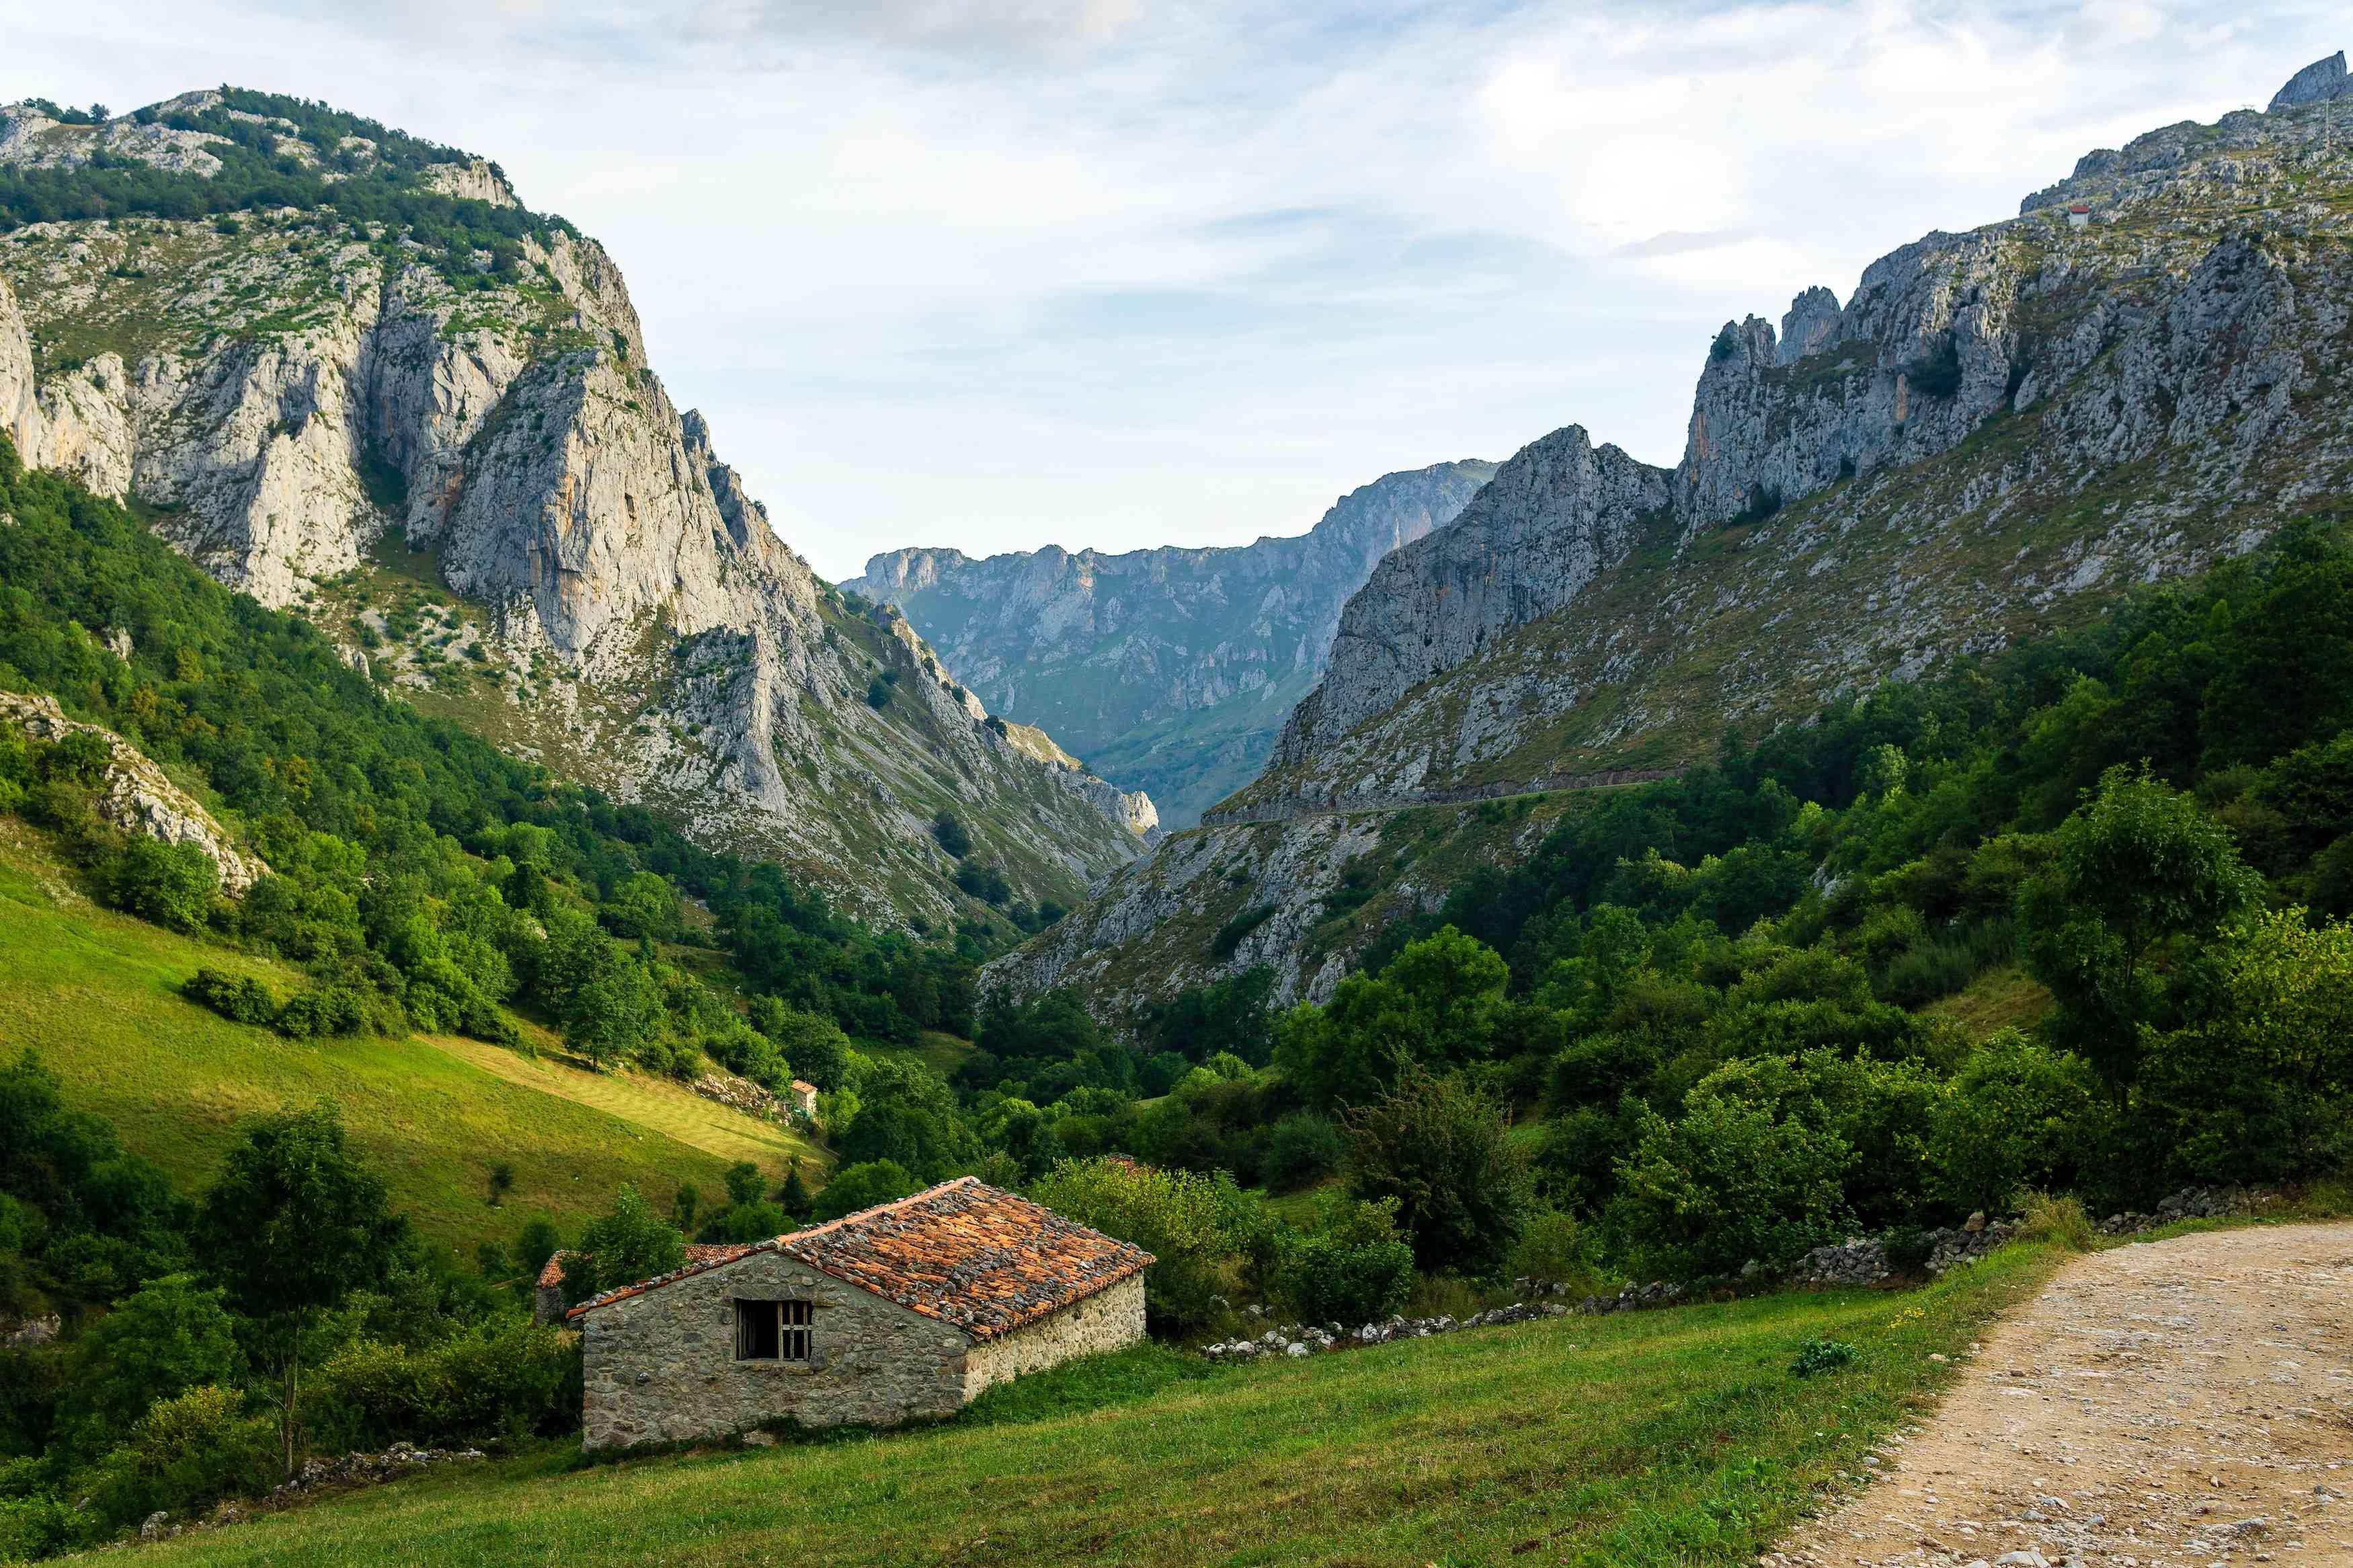 The Cares Route of Picos de Europa in Gijon, Spain